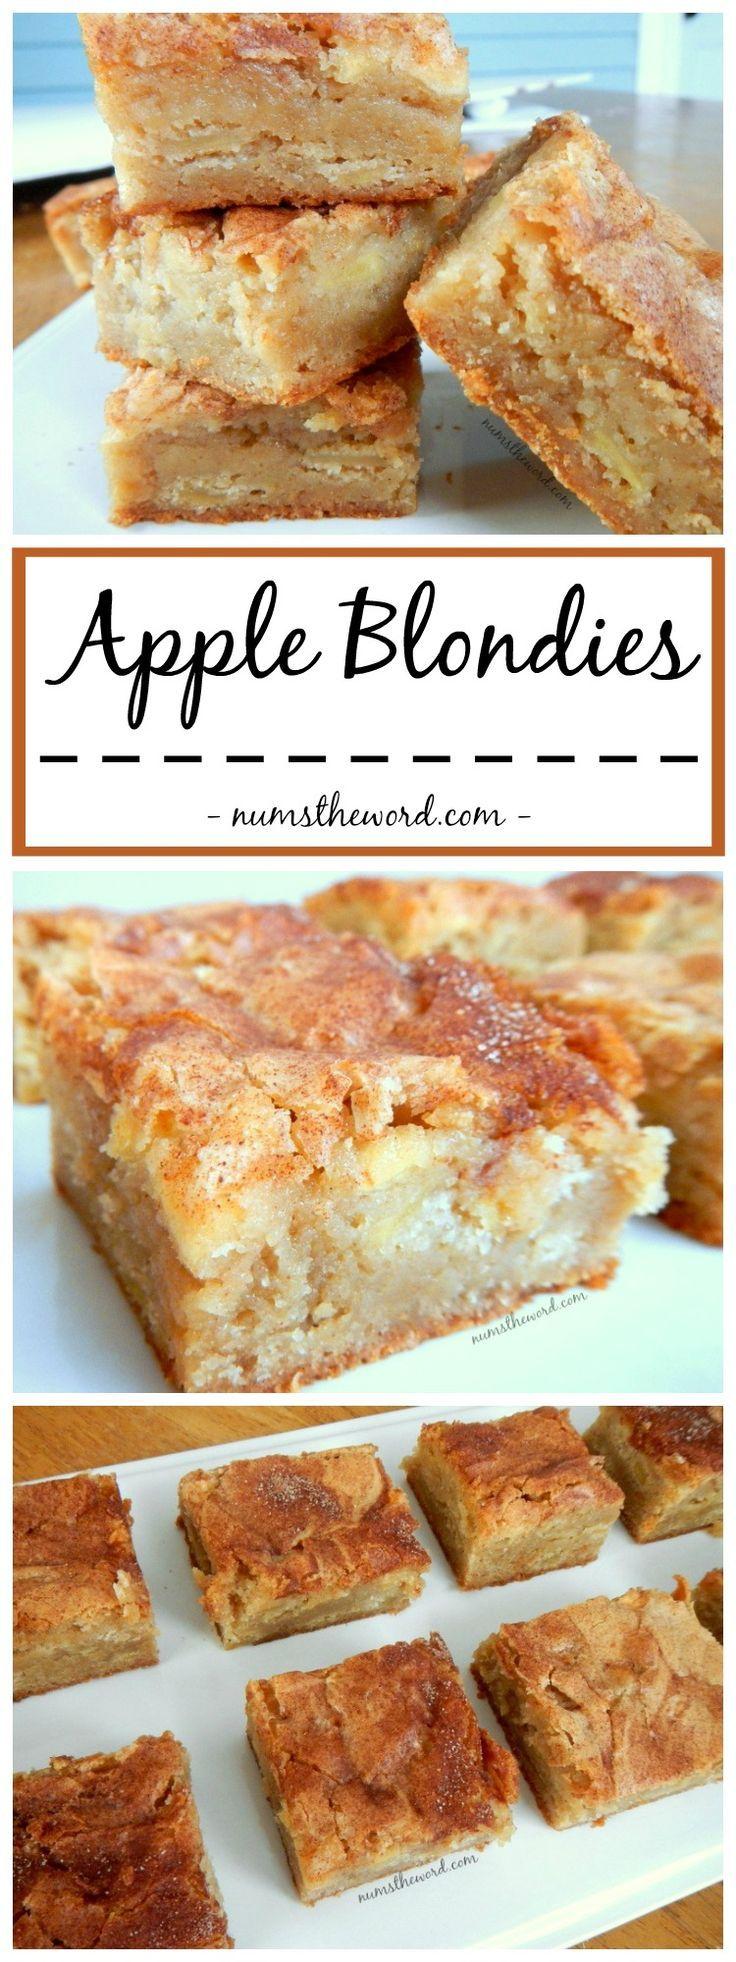 Apples Blondies • Usar la mitad de azúcar blanca, reemplazar la mitad de la mantequilla por puré de manzana, usar una taza de manzana (o más) y cocinar media hora (máximo).